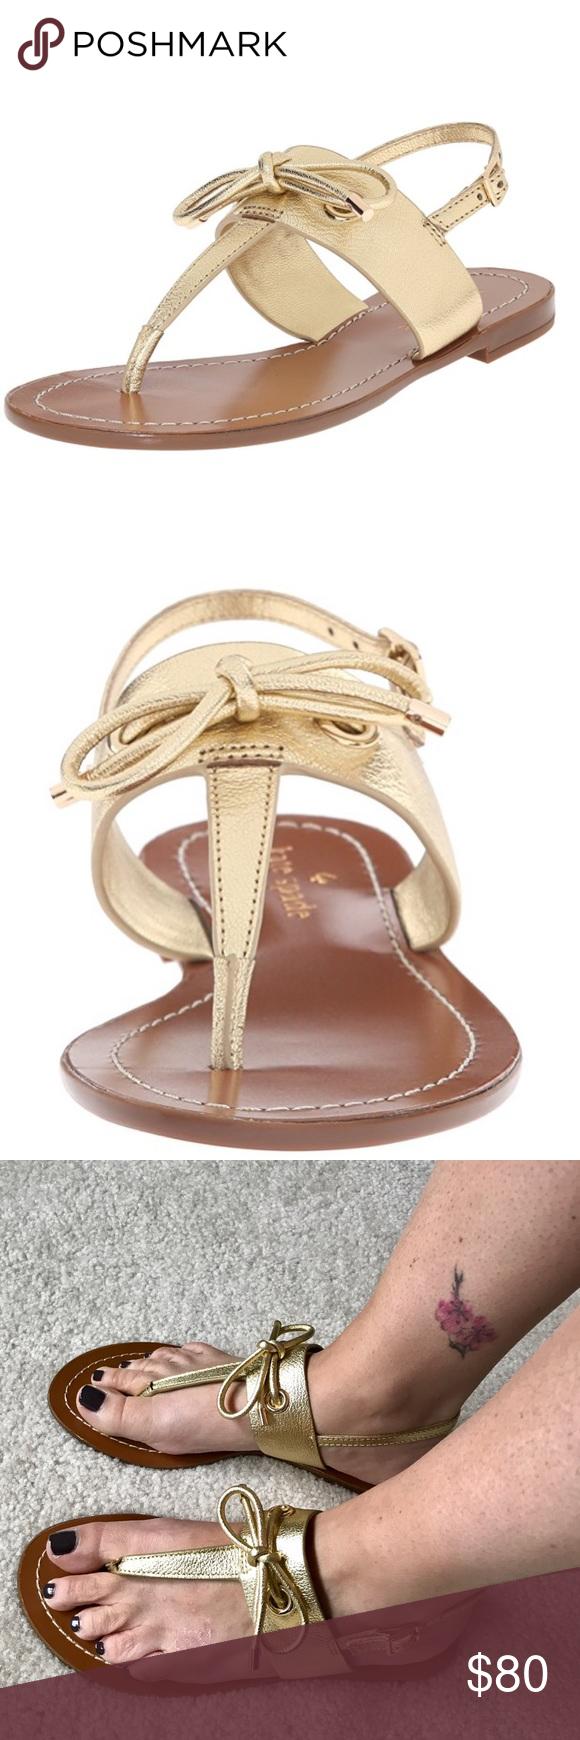 9a8708740241 Kate Spade Carolina Flat Sandal GOLD Elegant yet sensible